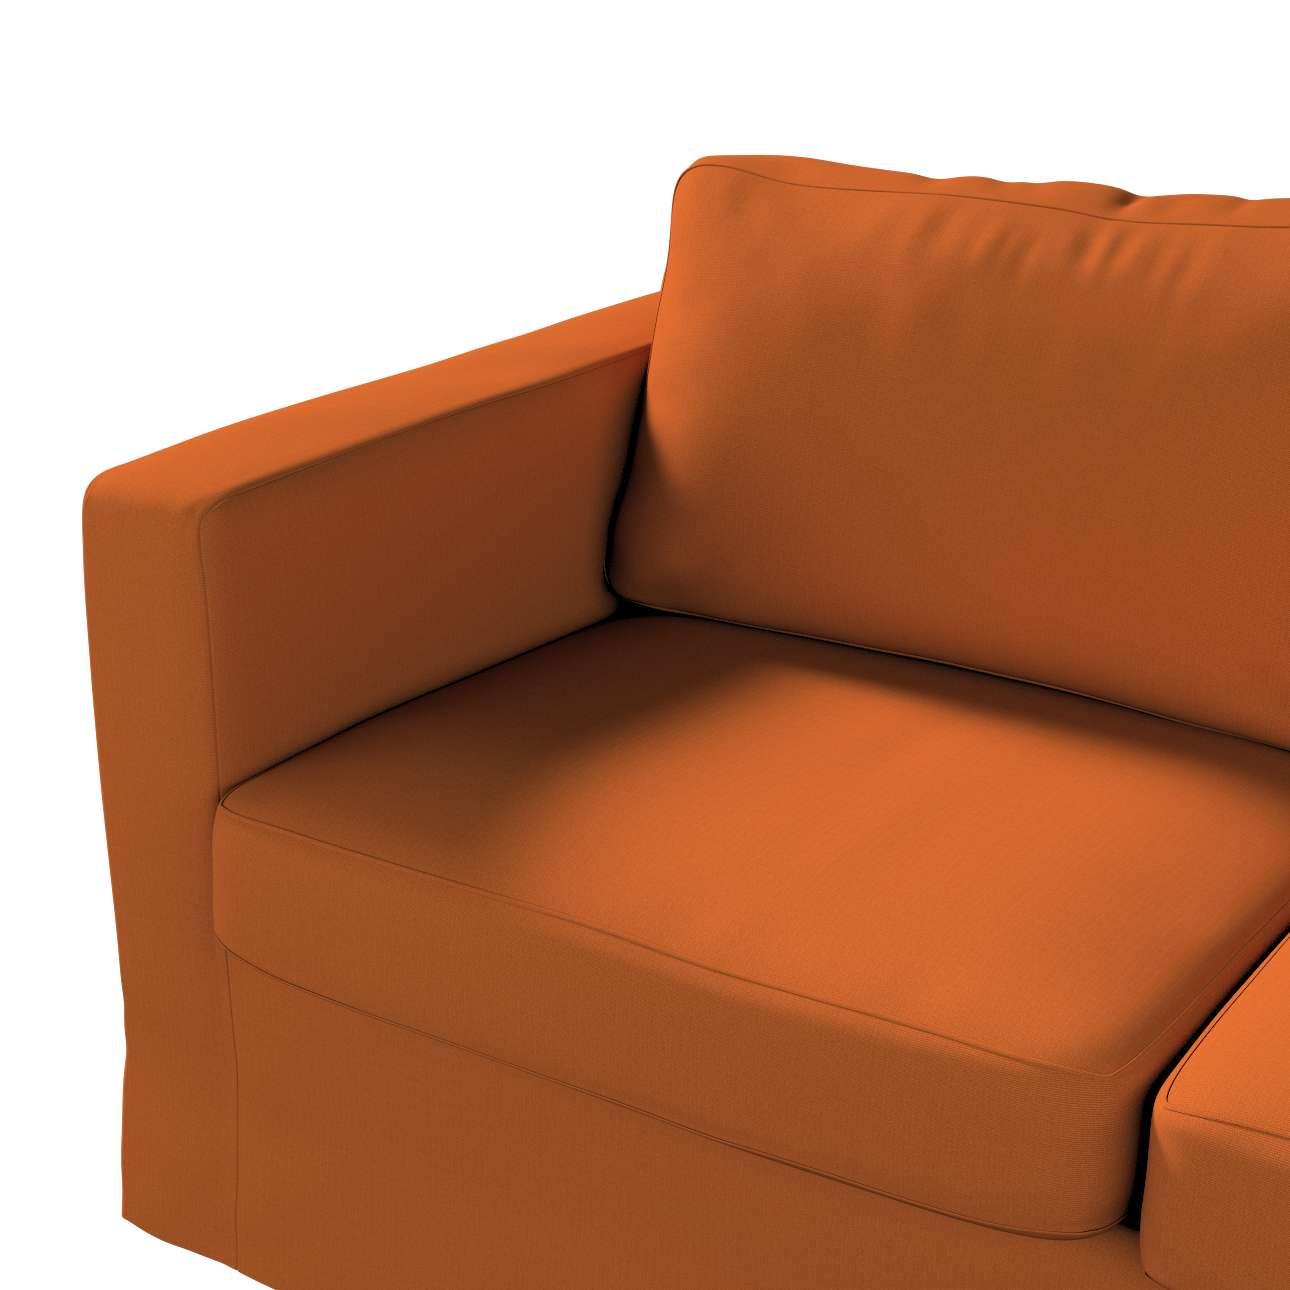 Pokrowiec na sofę Karlstad 2-osobową nierozkładaną długi w kolekcji Cotton Panama, tkanina: 702-42